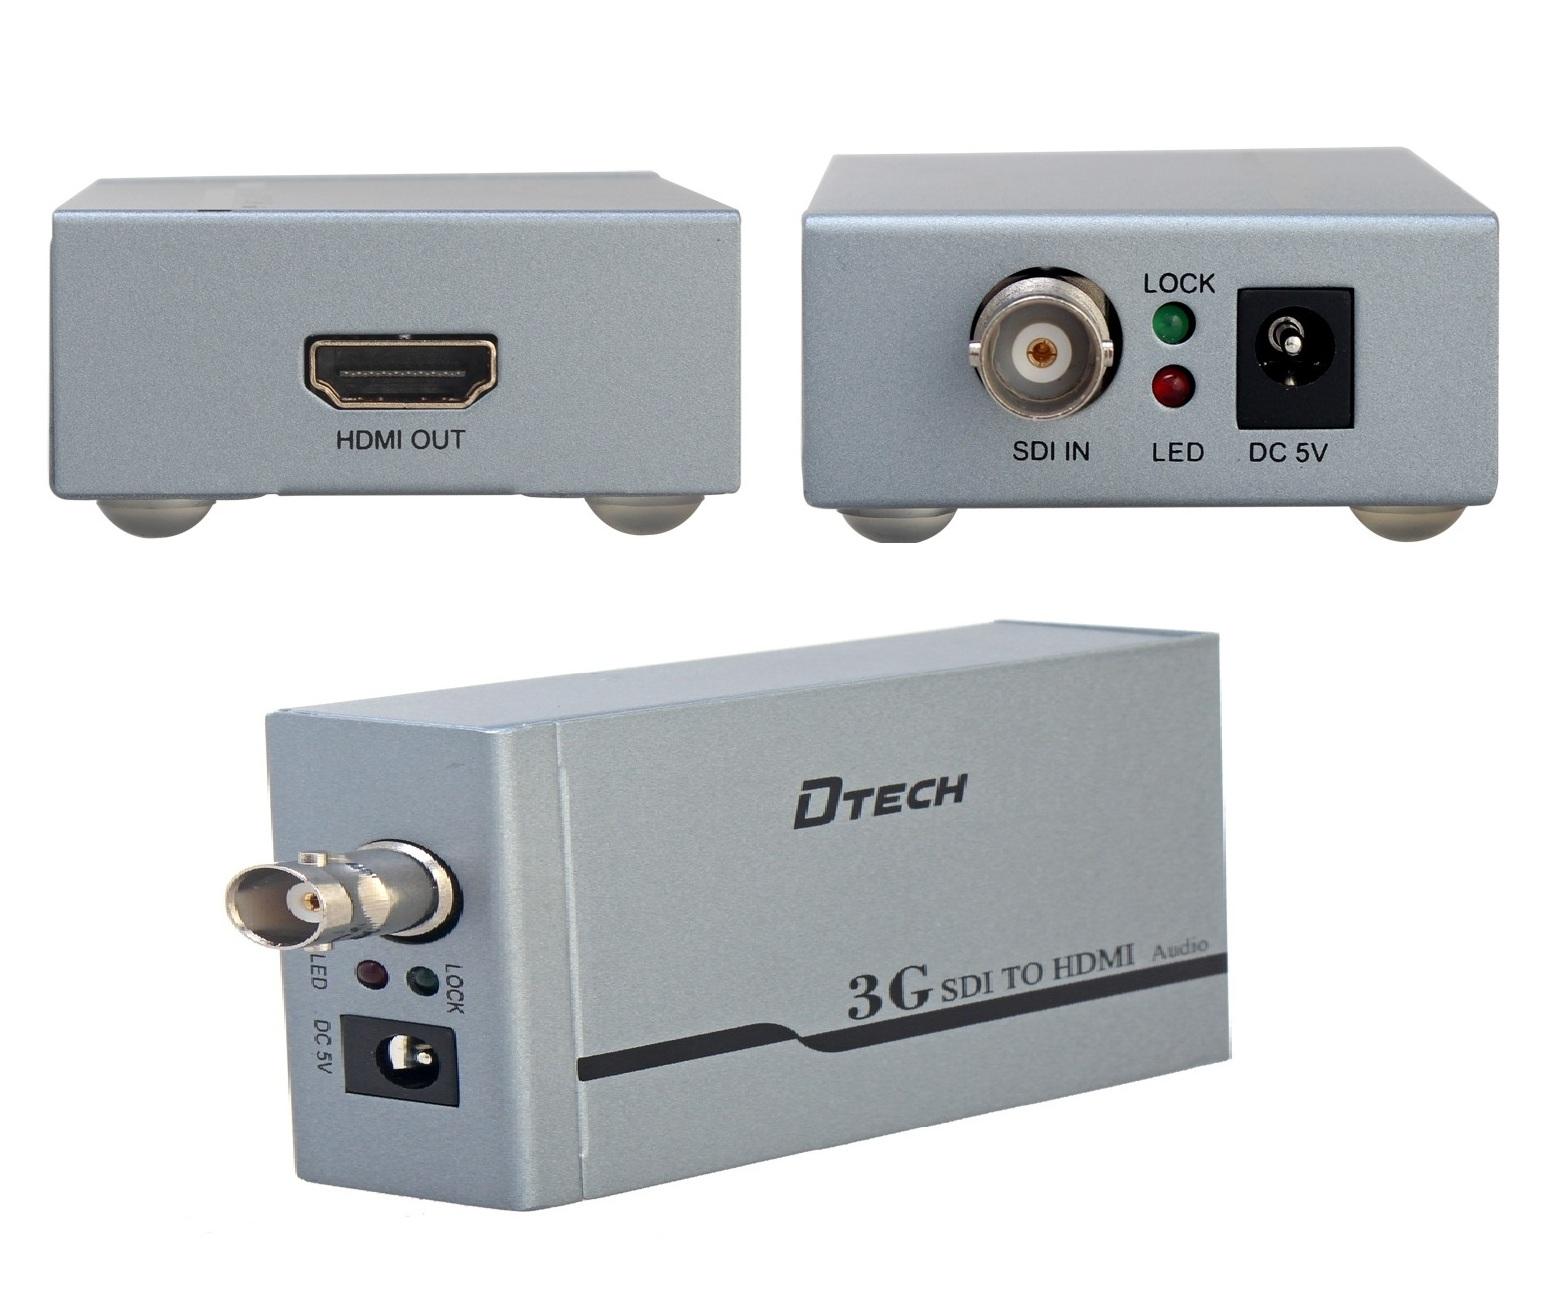 DTECH DT-6514A SDI TO HDMI CONVERTER